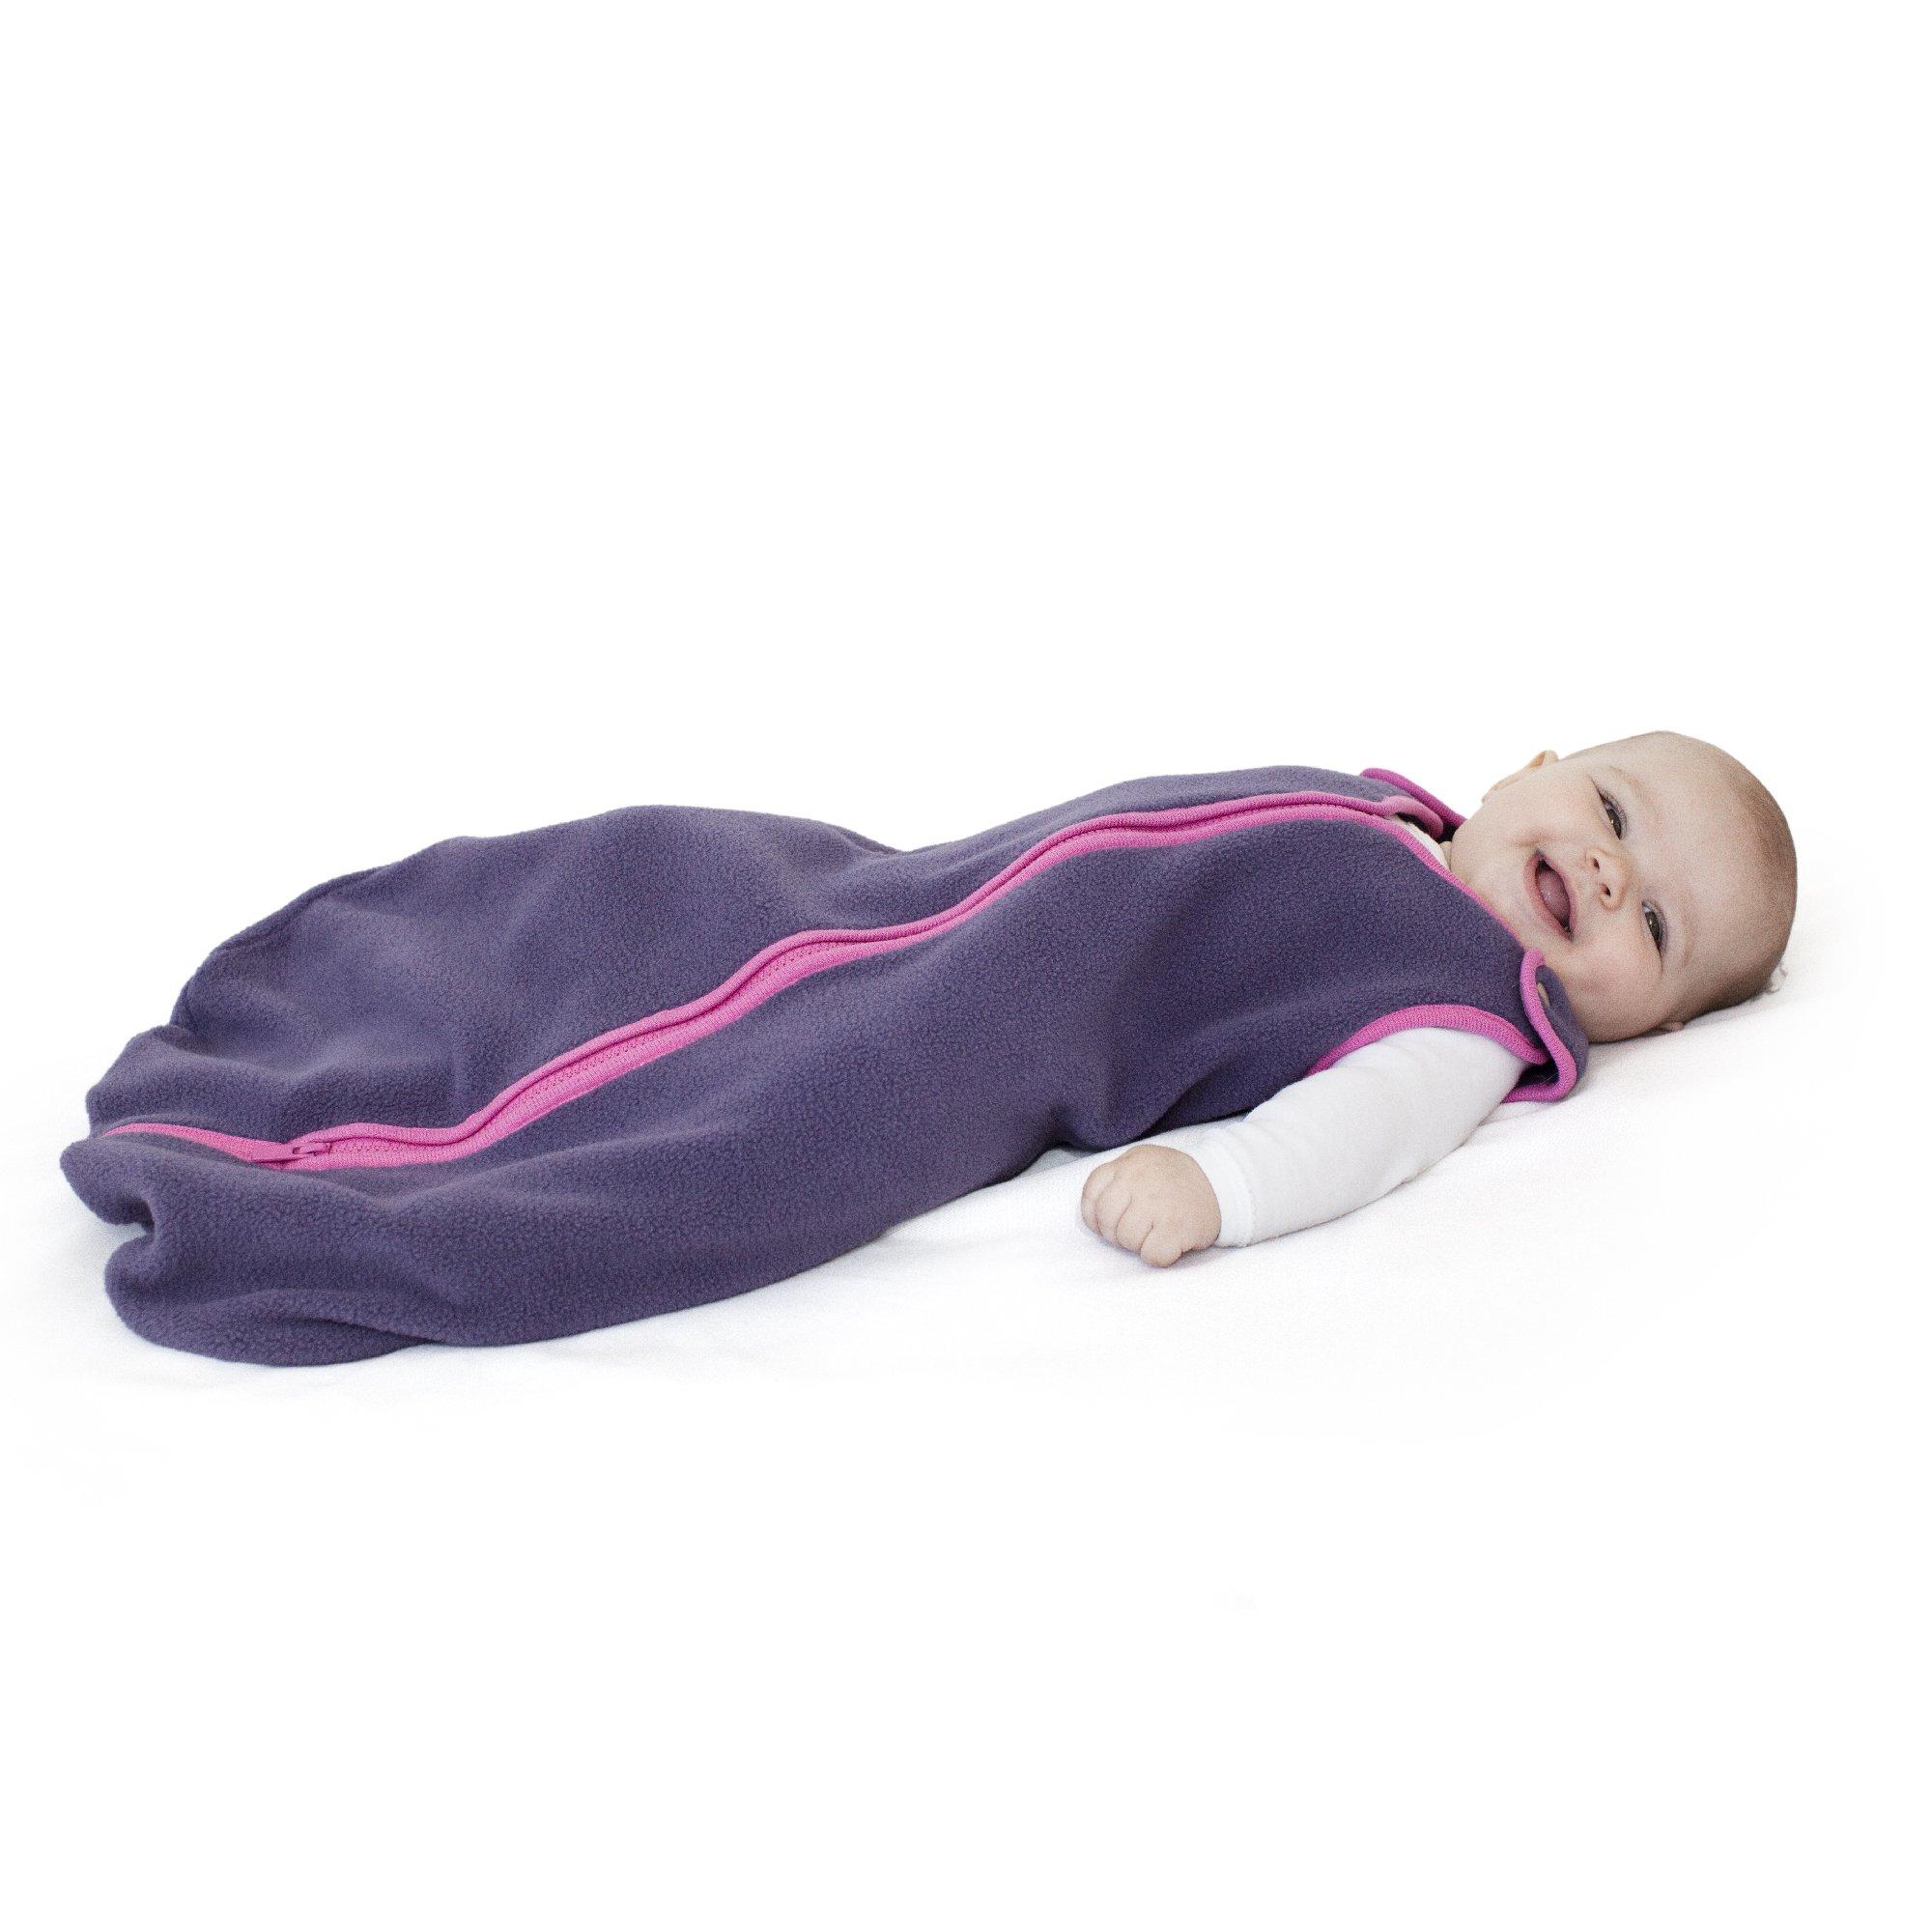 Amazon Com Baby Deedee Sleep Nest Baby Sleeping Bag